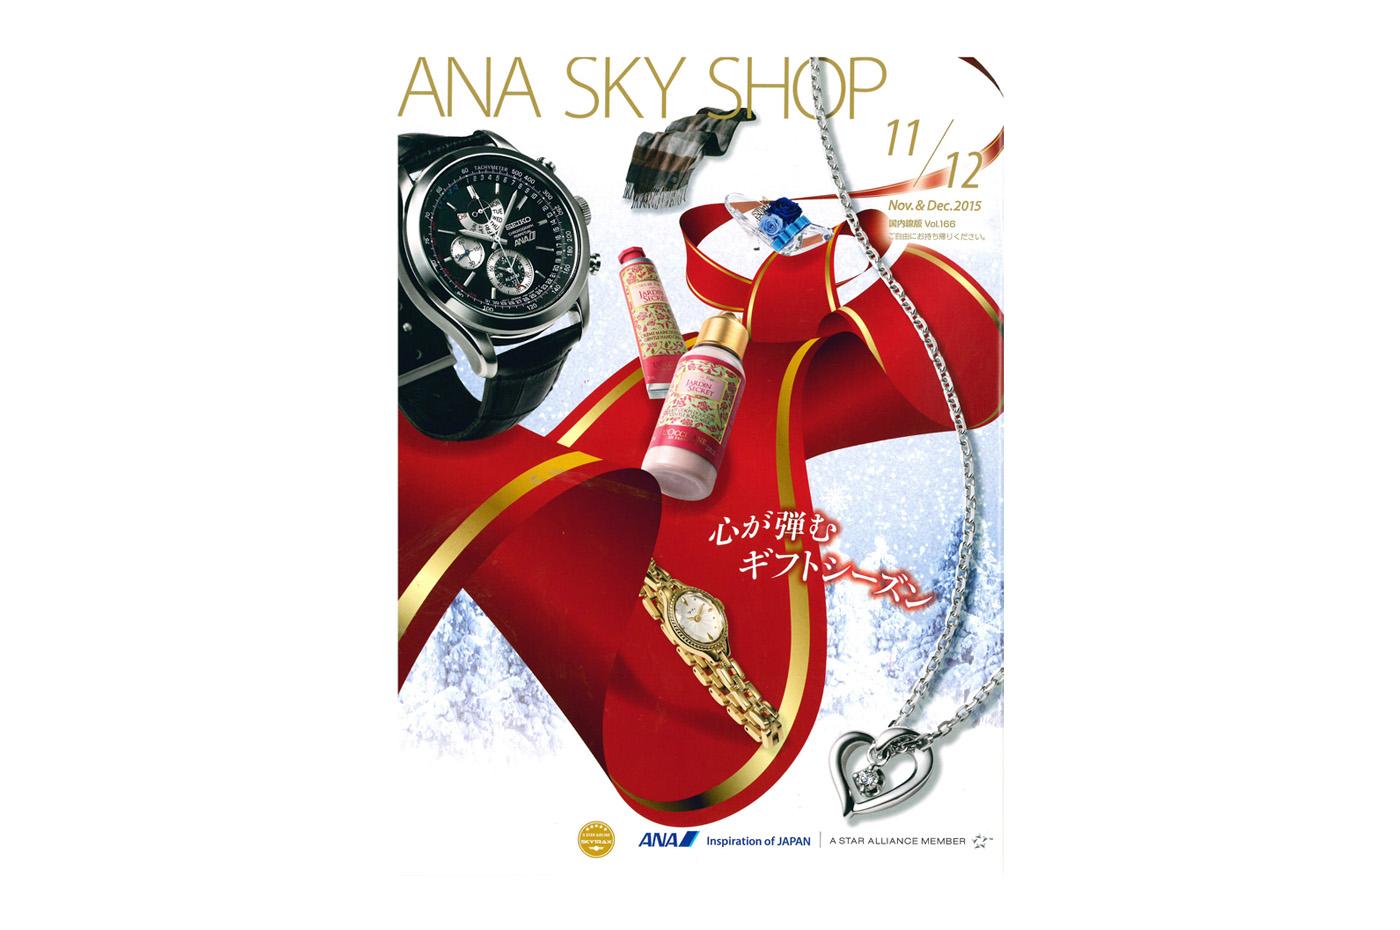 全日空機内カタログ『ANA SKY SHOP』表紙